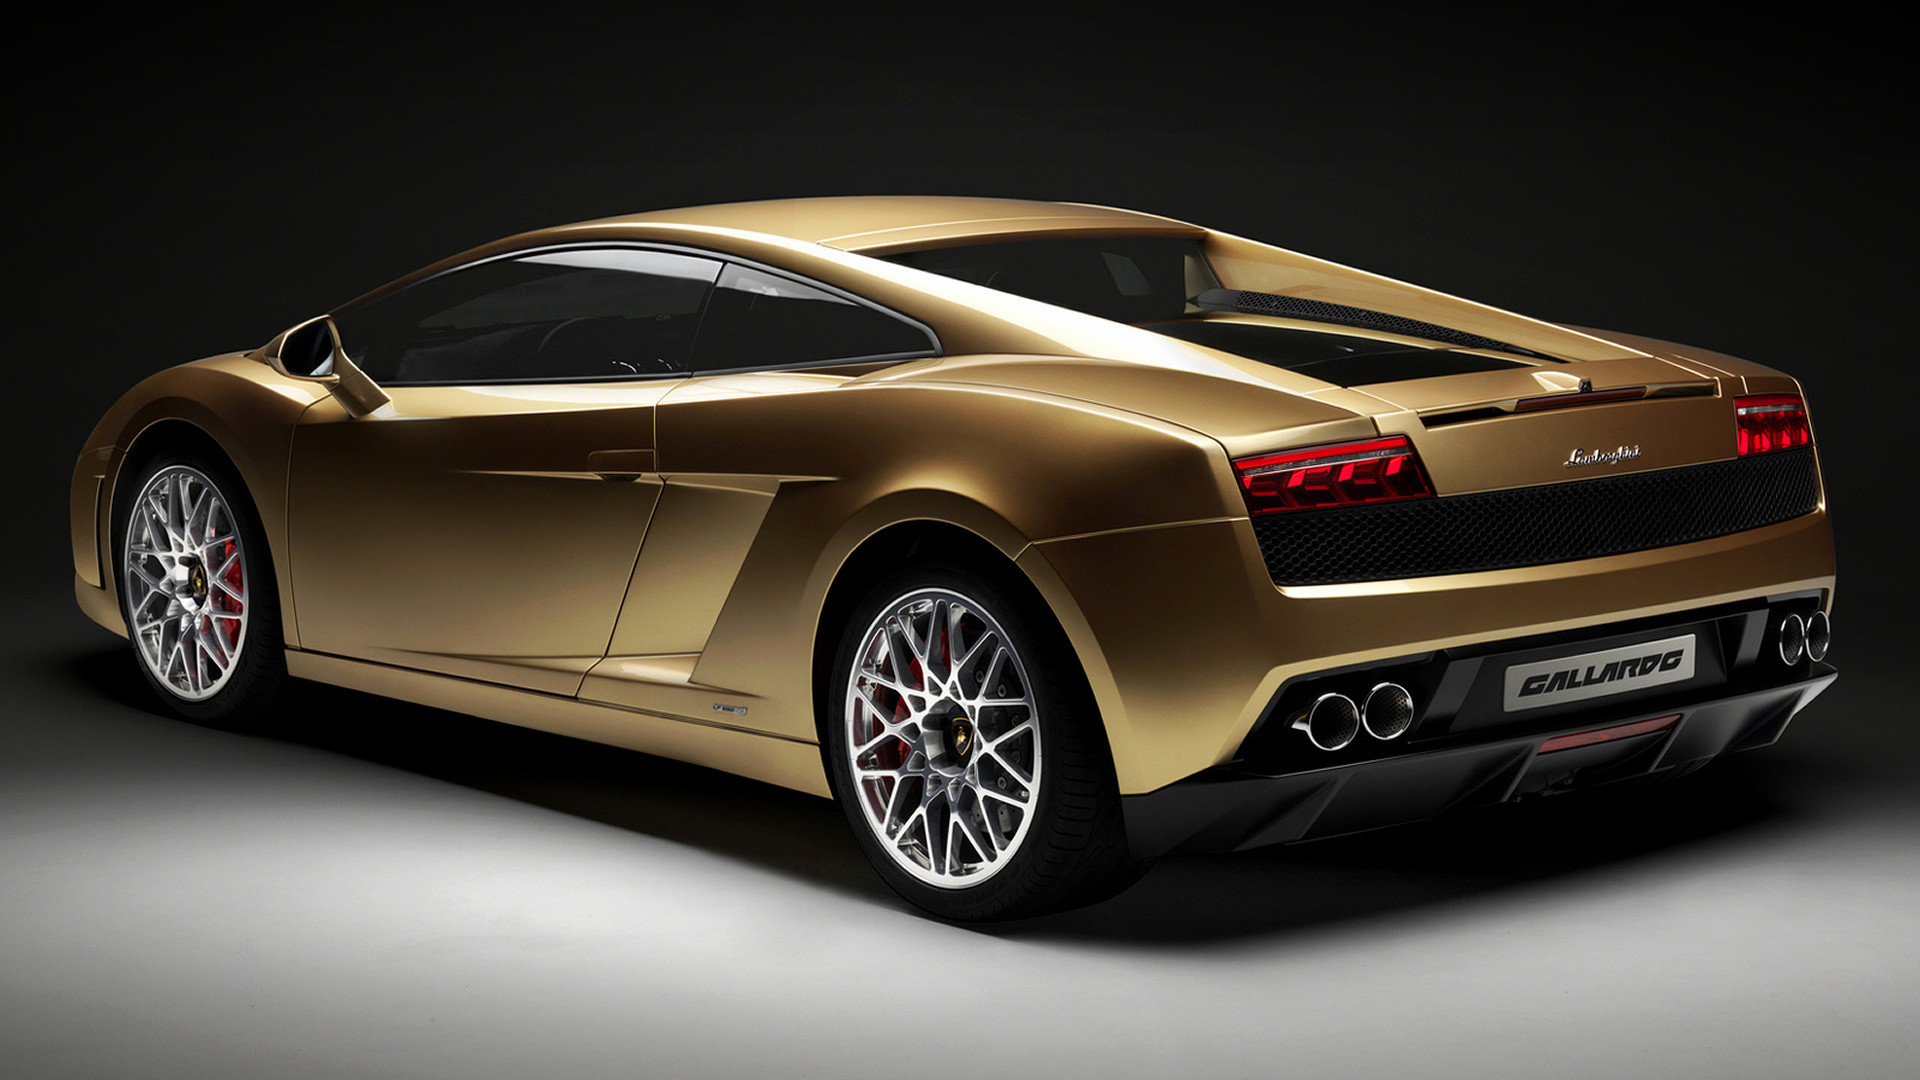 Excellent Lamborghini Gallardo Gold By Pictures F6p With Lamborghini  Gallardo Gold Collection For Wallpaper